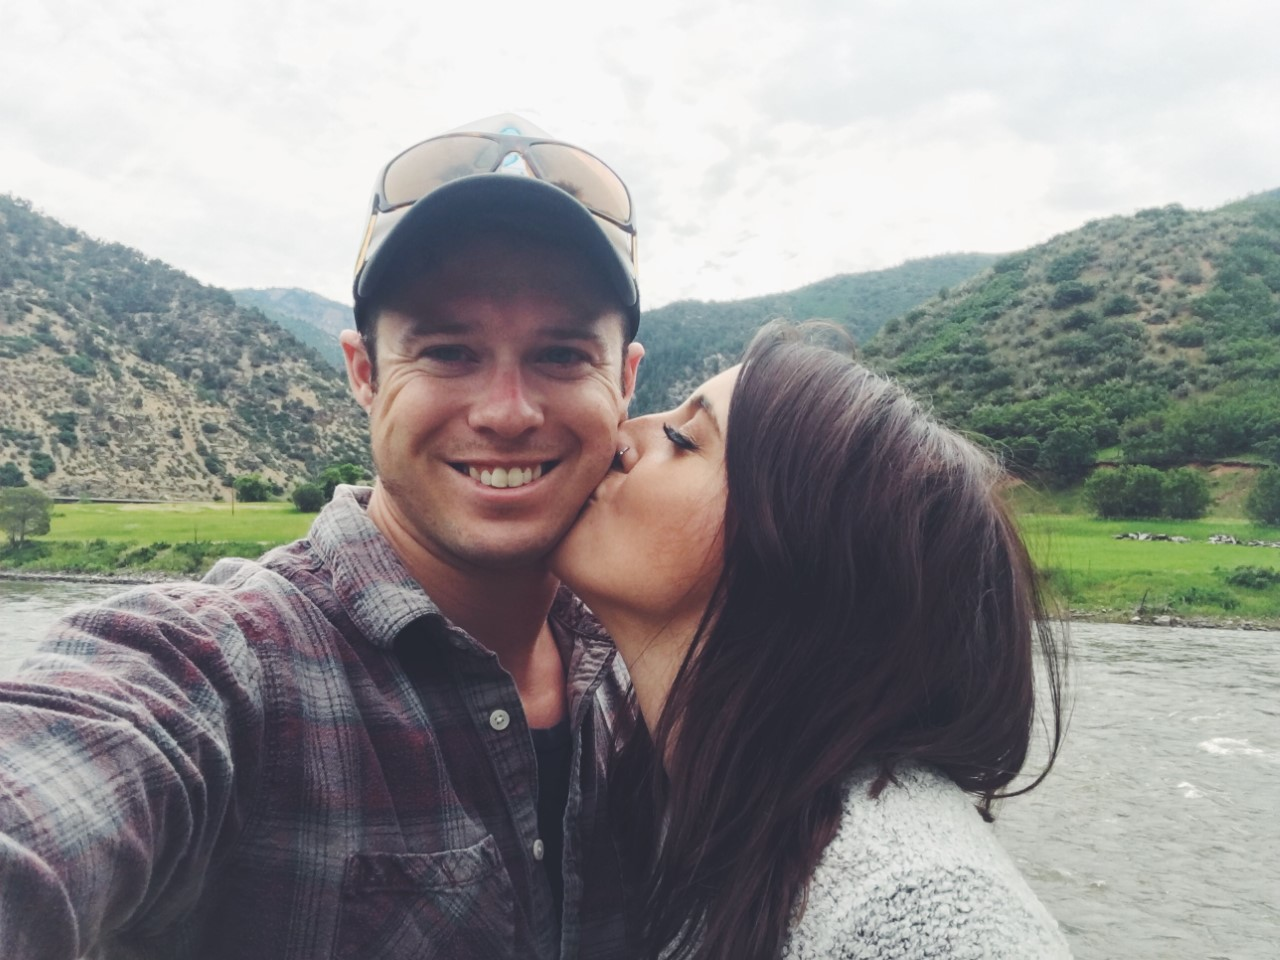 Lauren and her Husband